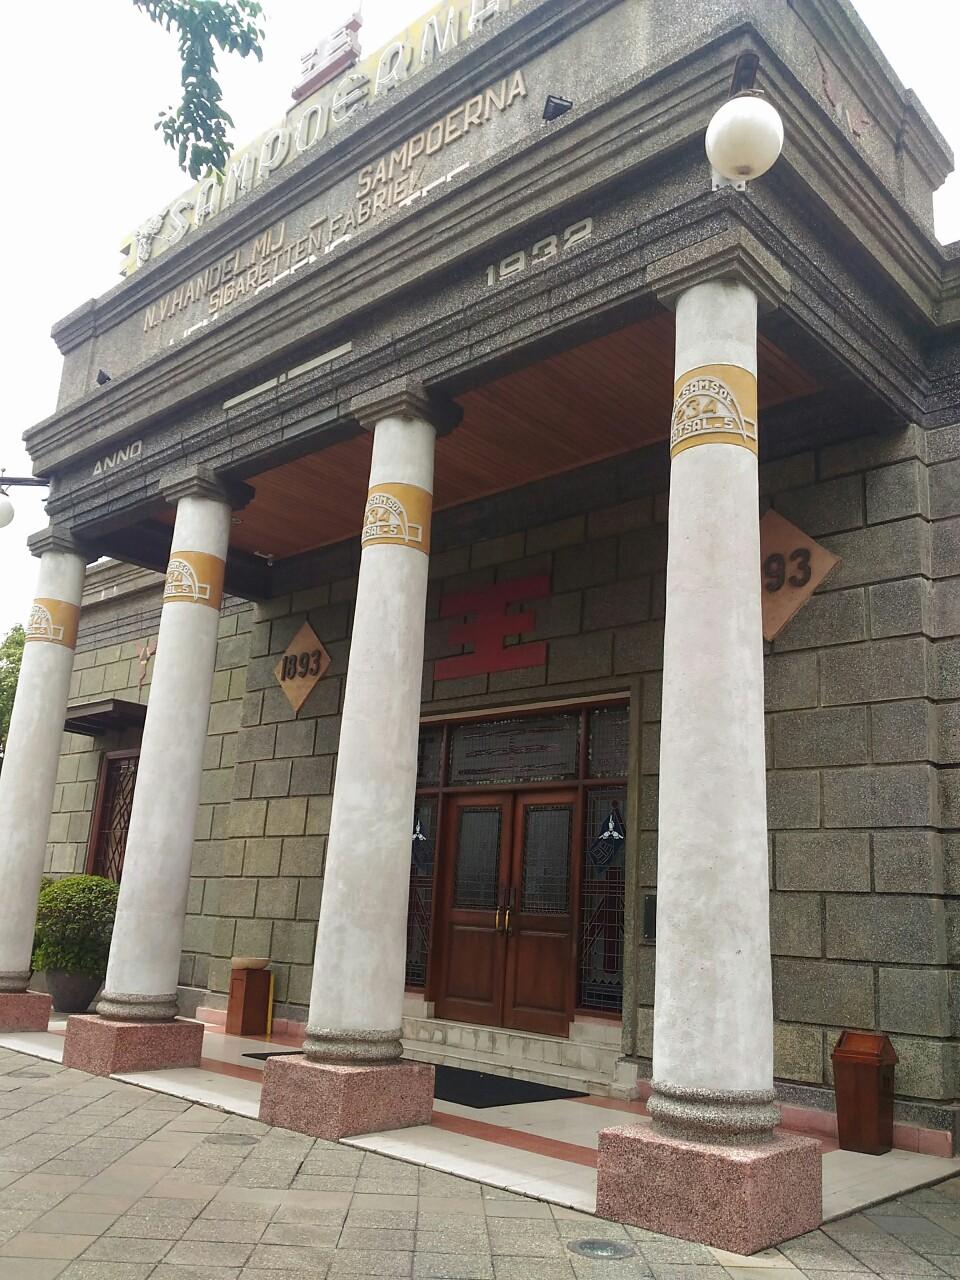 Tempat wisata di Surabaya Museum House of Sampoerna